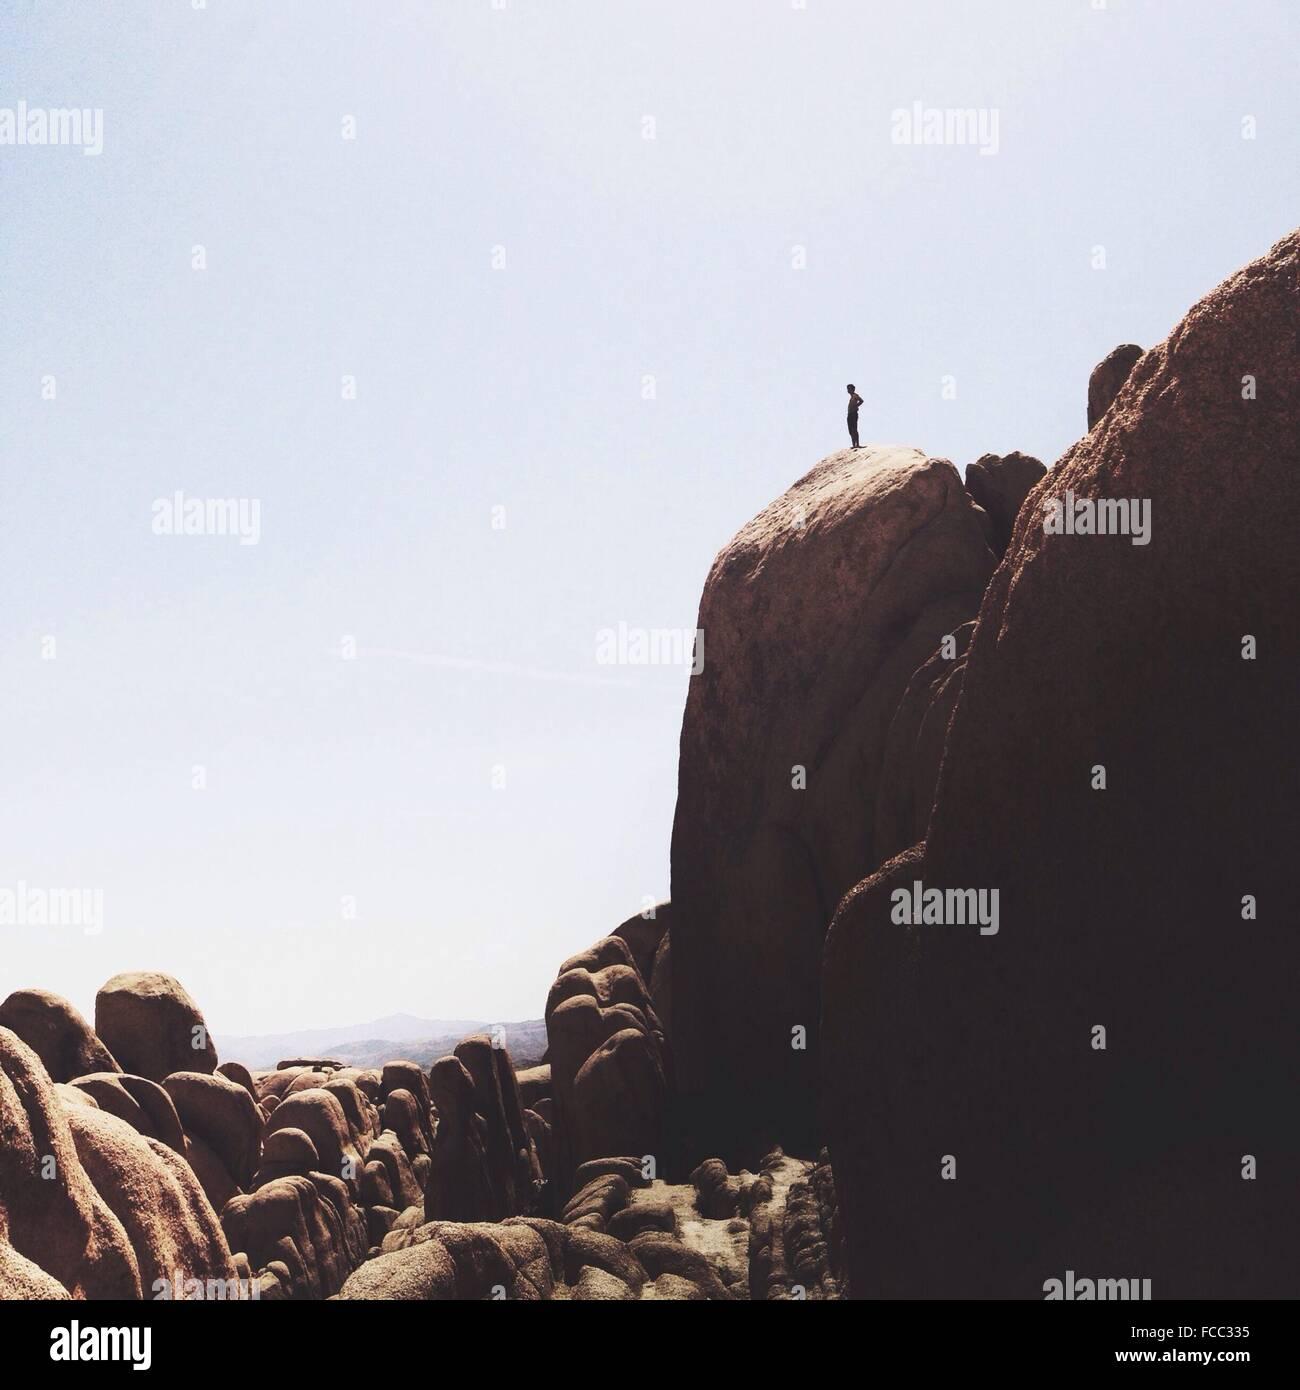 El hombre en el borde del acantilado Imagen De Stock